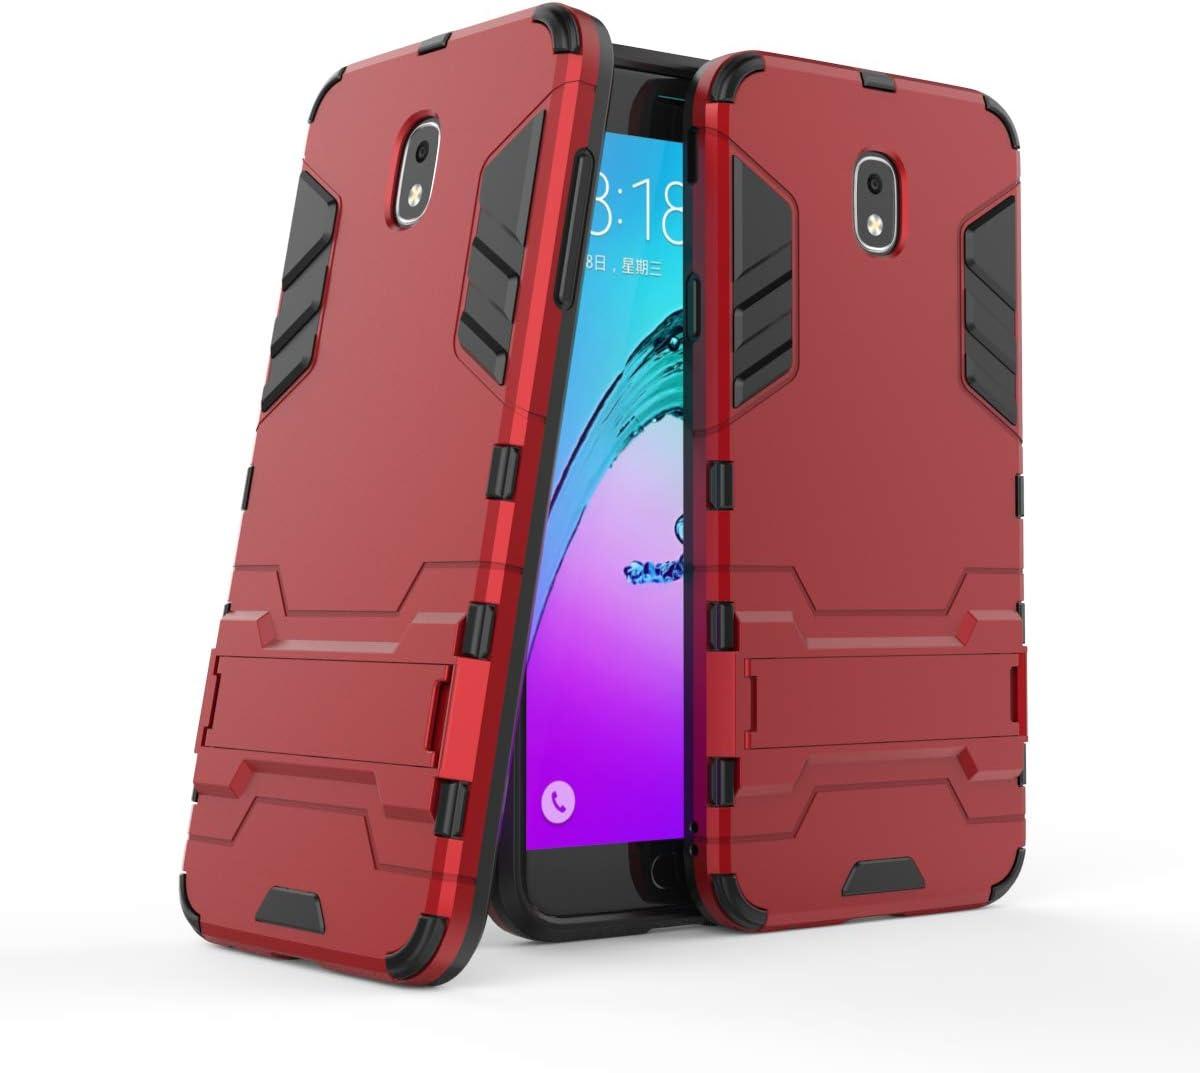 Cocomii Iron Man Armor Galaxy J7 2018/J7 V/J7 Star/J7 Refine Funda Nuevo [Robusto] Táctico Sujeción Soporte Antichoque Caja [Militar Defensor] Case Carcasa for Samsung Galaxy J7 2018 (I.Red)